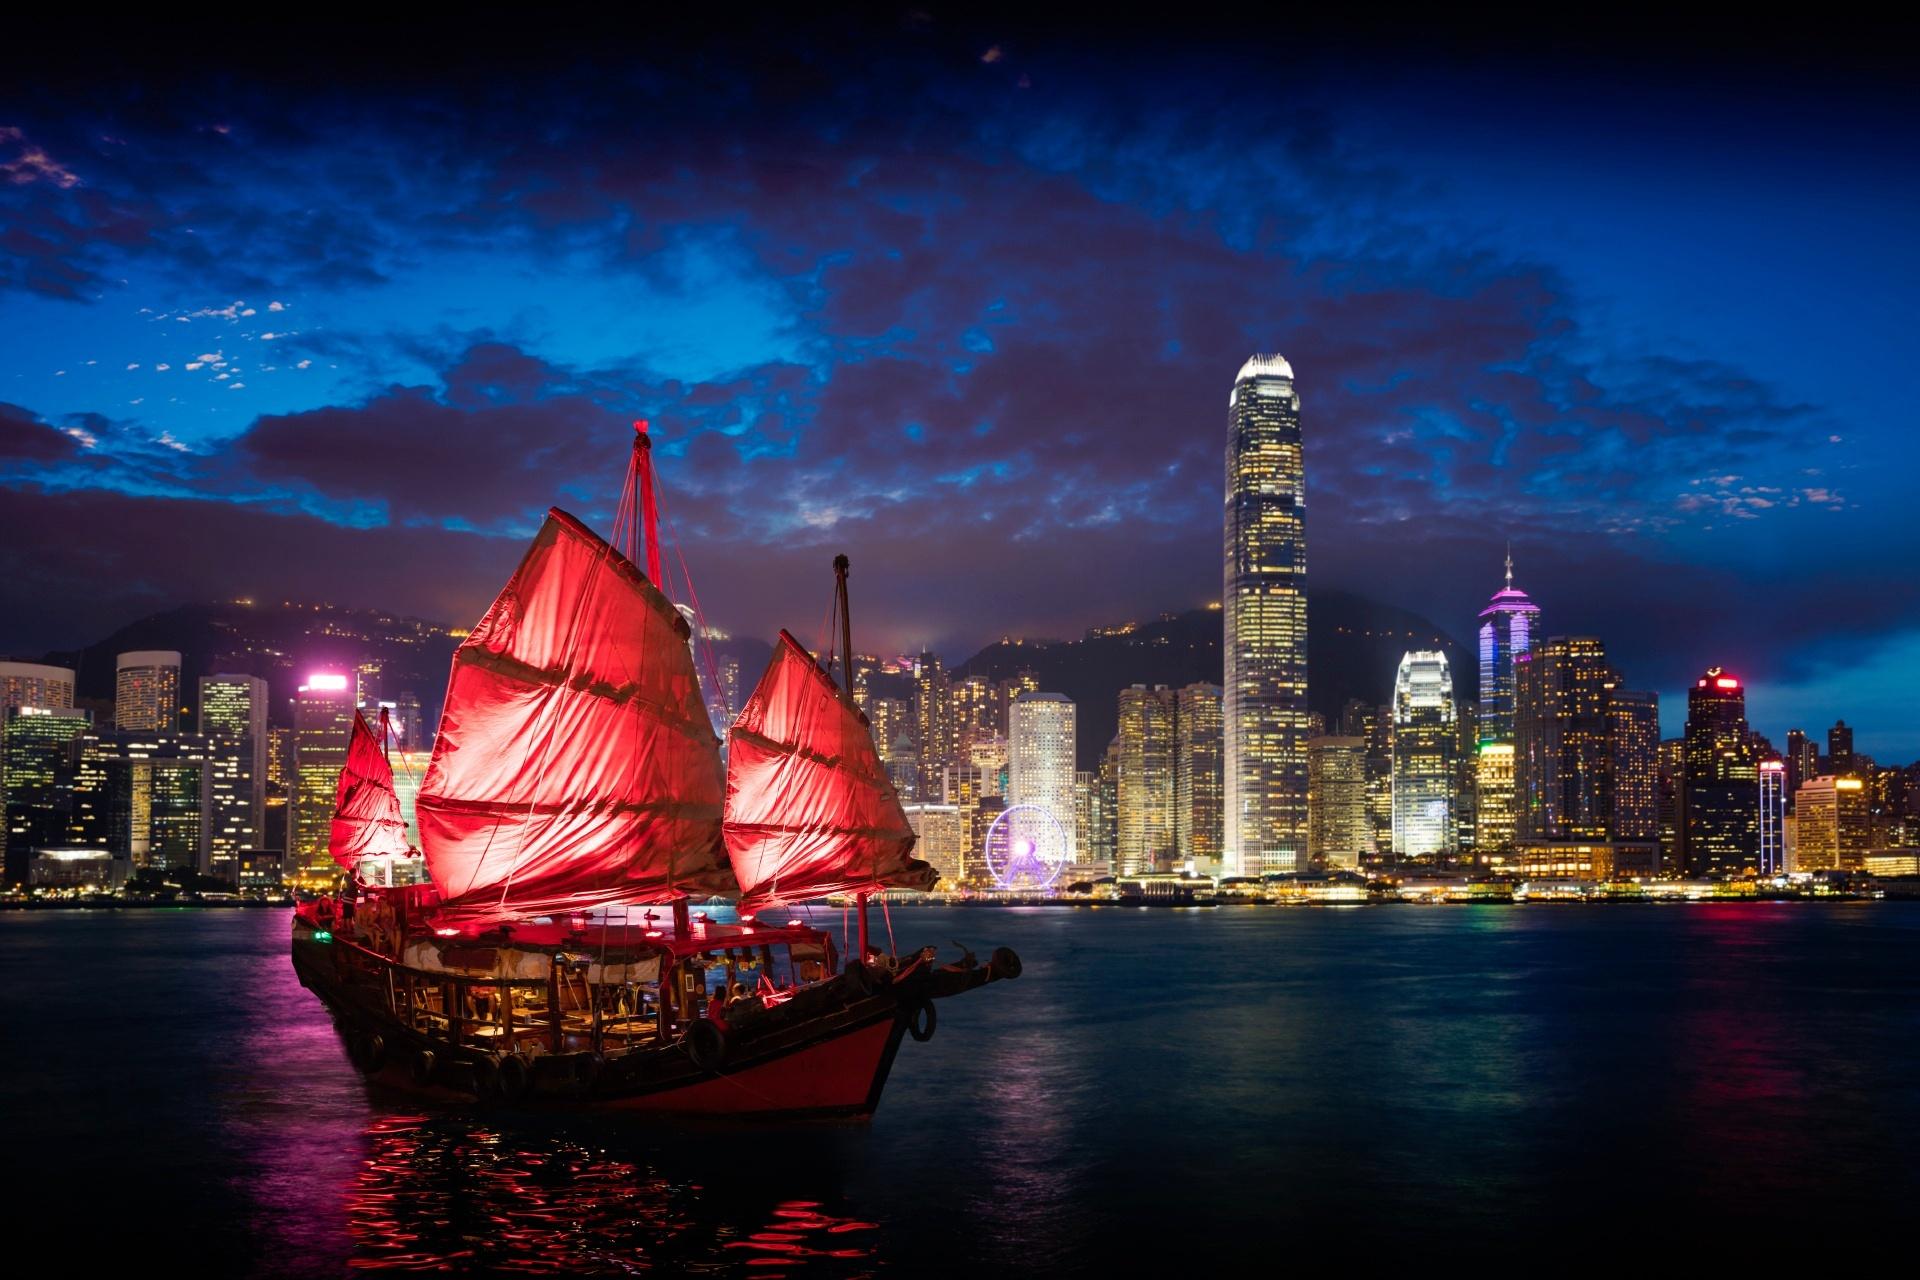 香港の夜景 夜のビクトリア・ハーバーとジャンク船